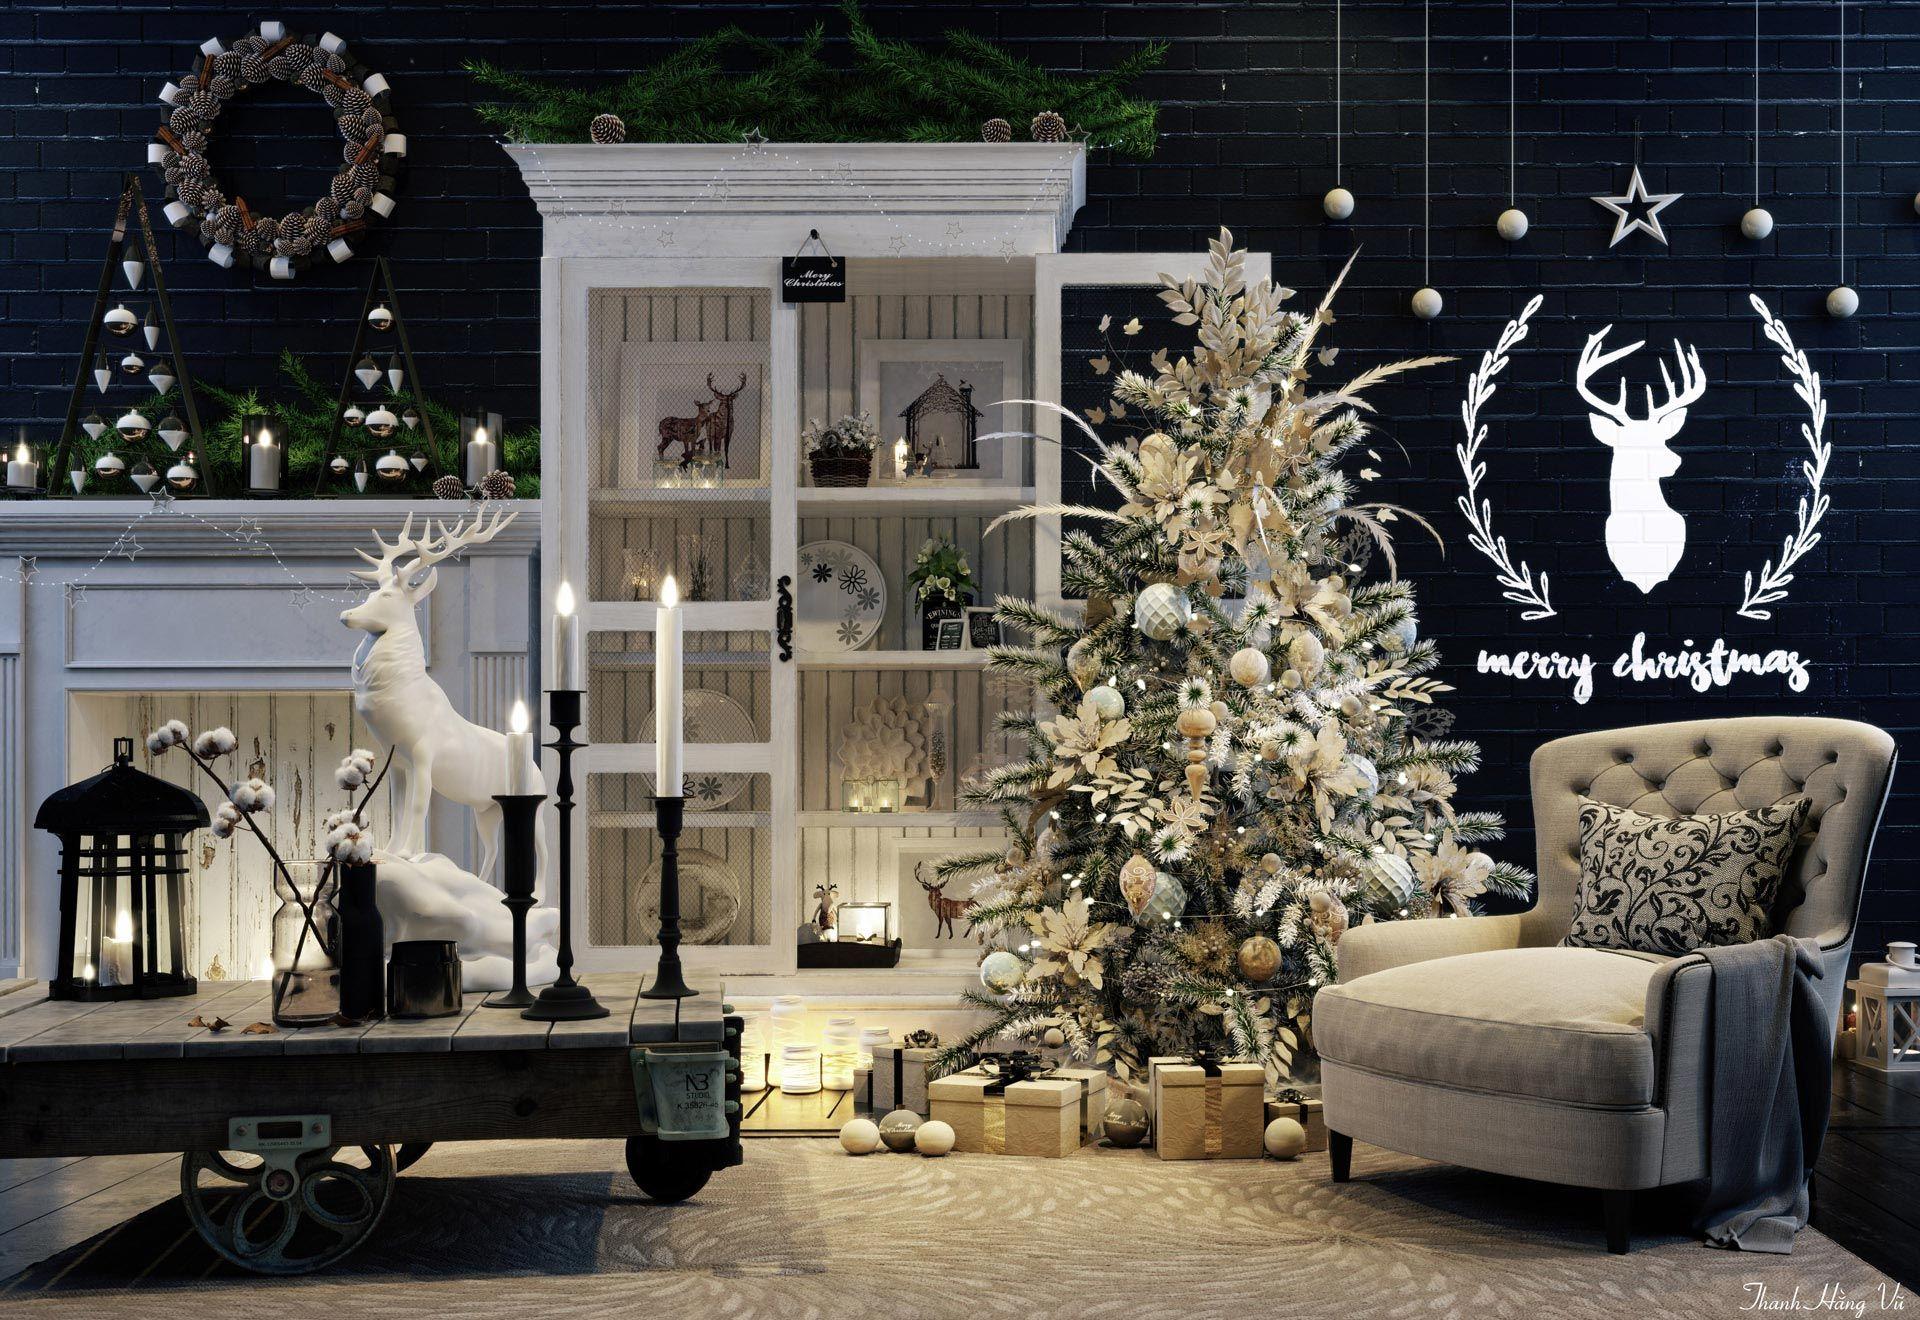 Kreative wohnzimmergestaltung ~ Vwartclub merry christmas render pinterest